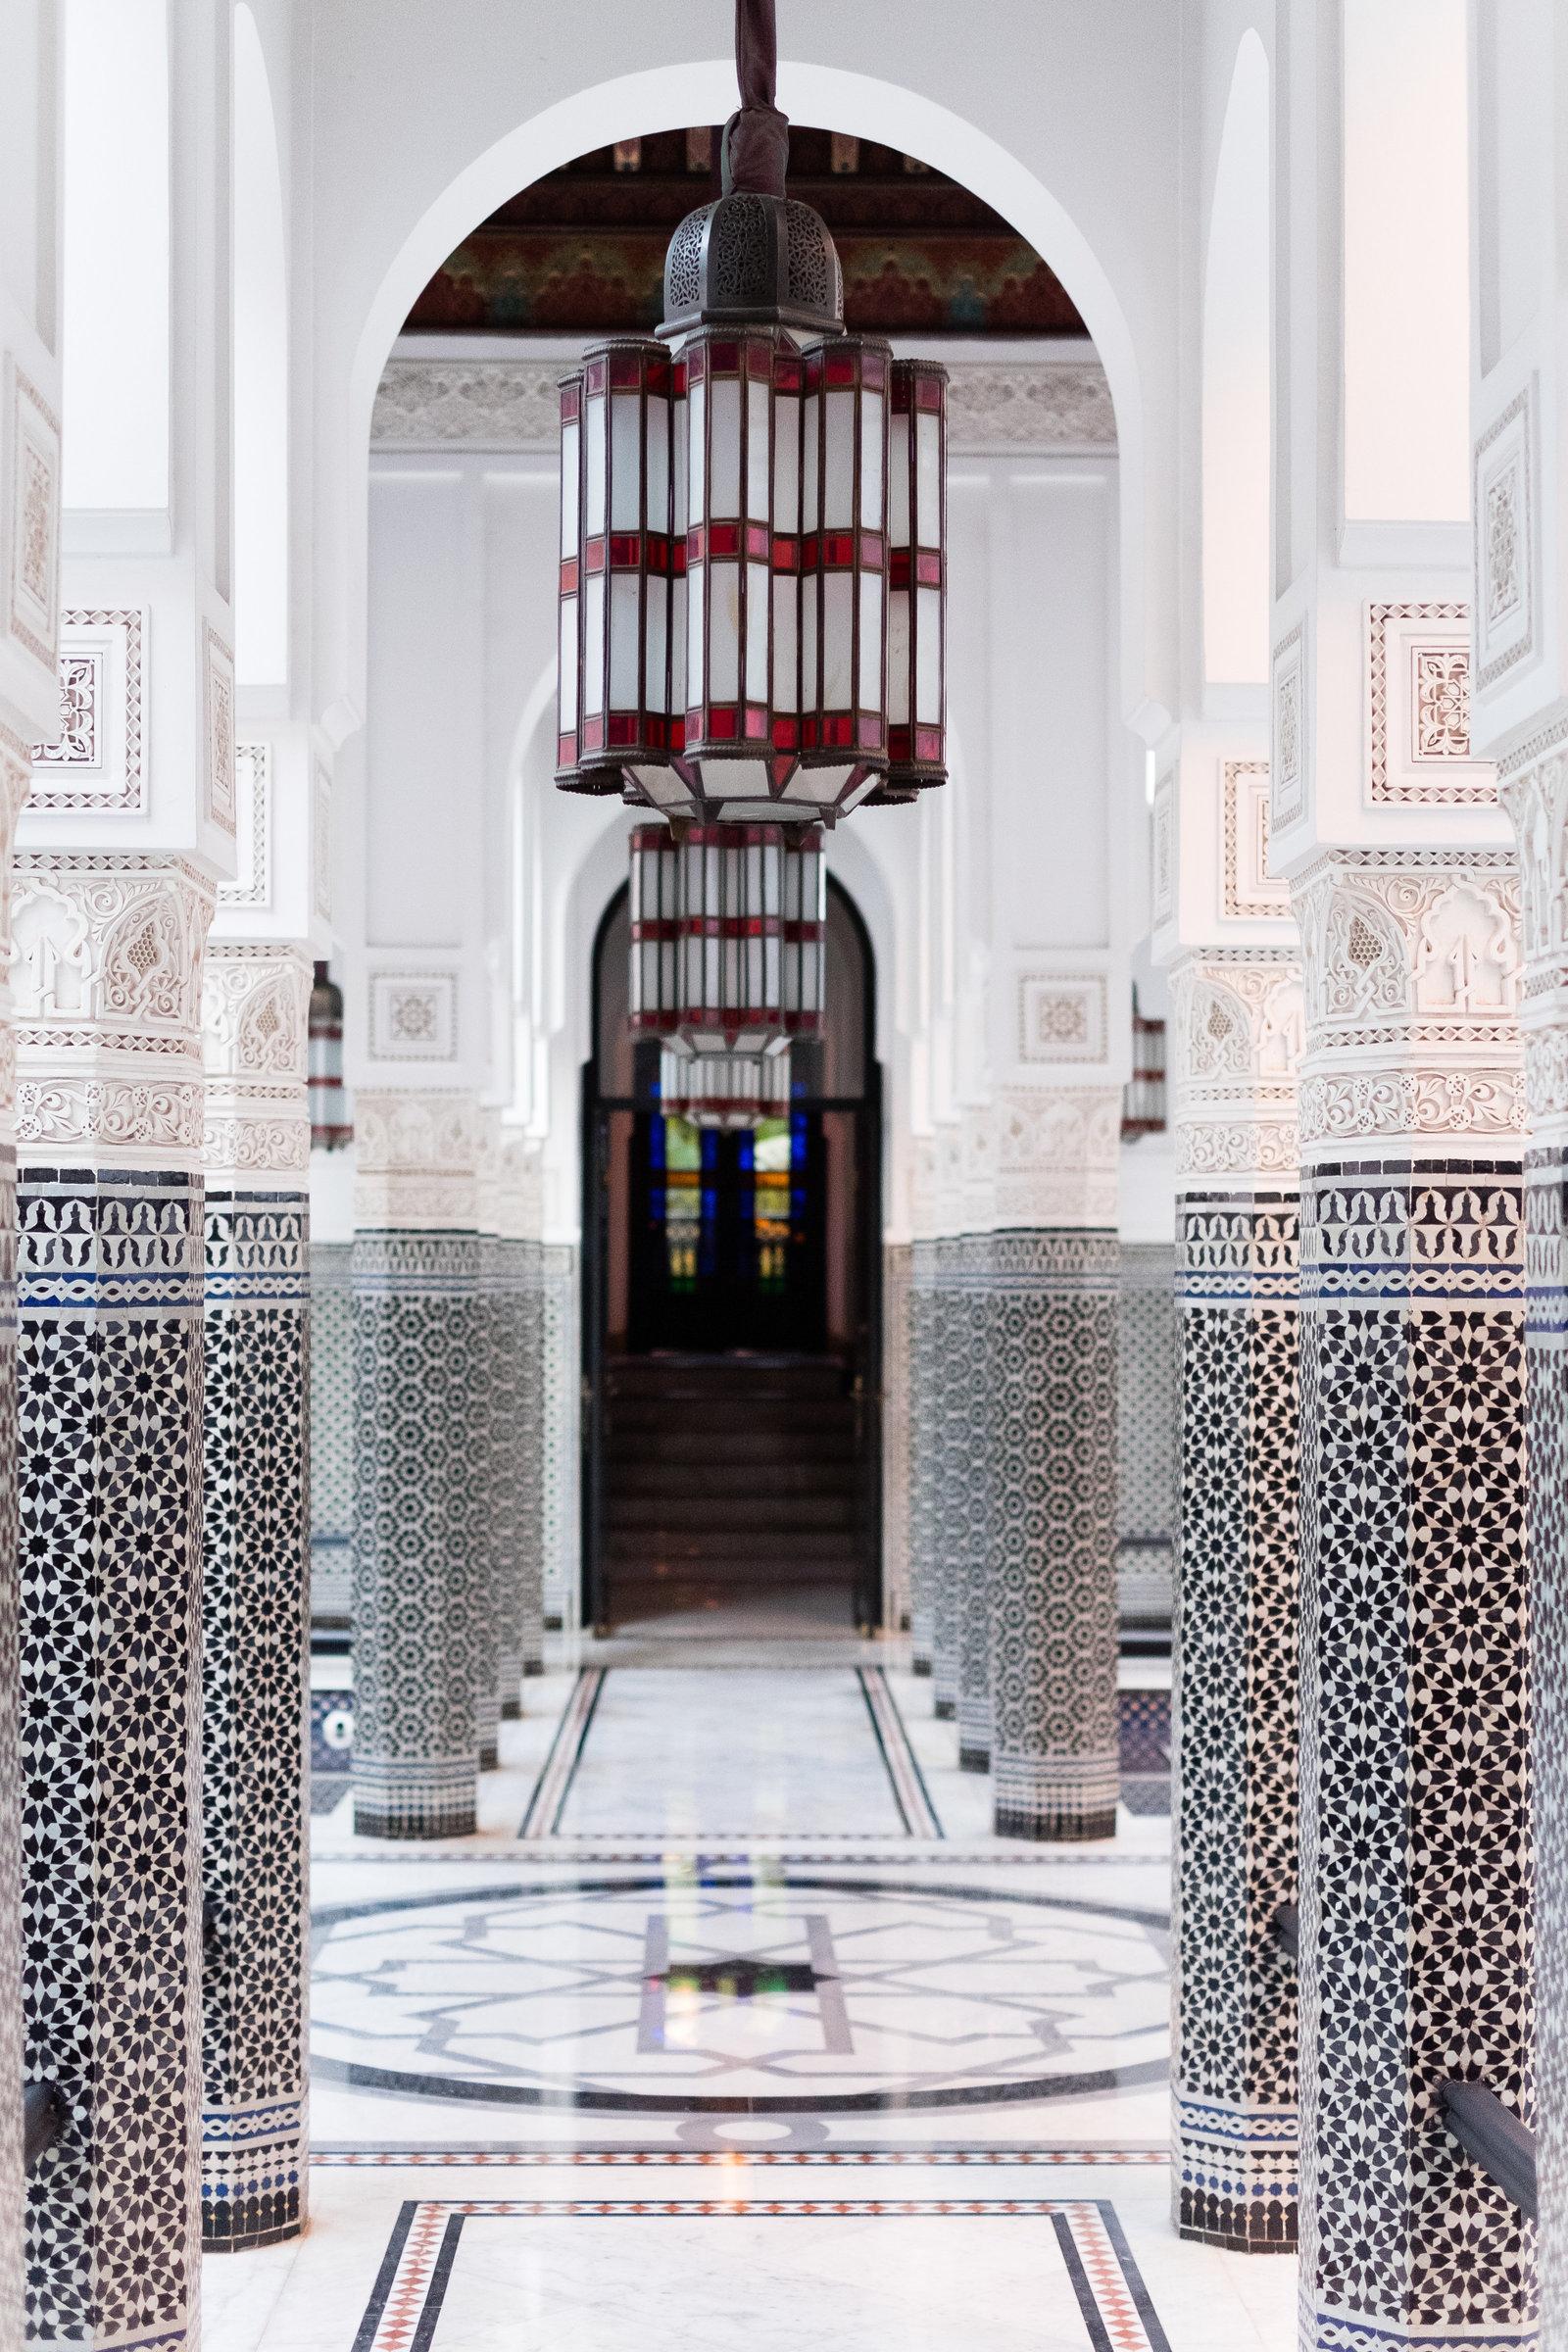 Morocco Trip-EJP-1004